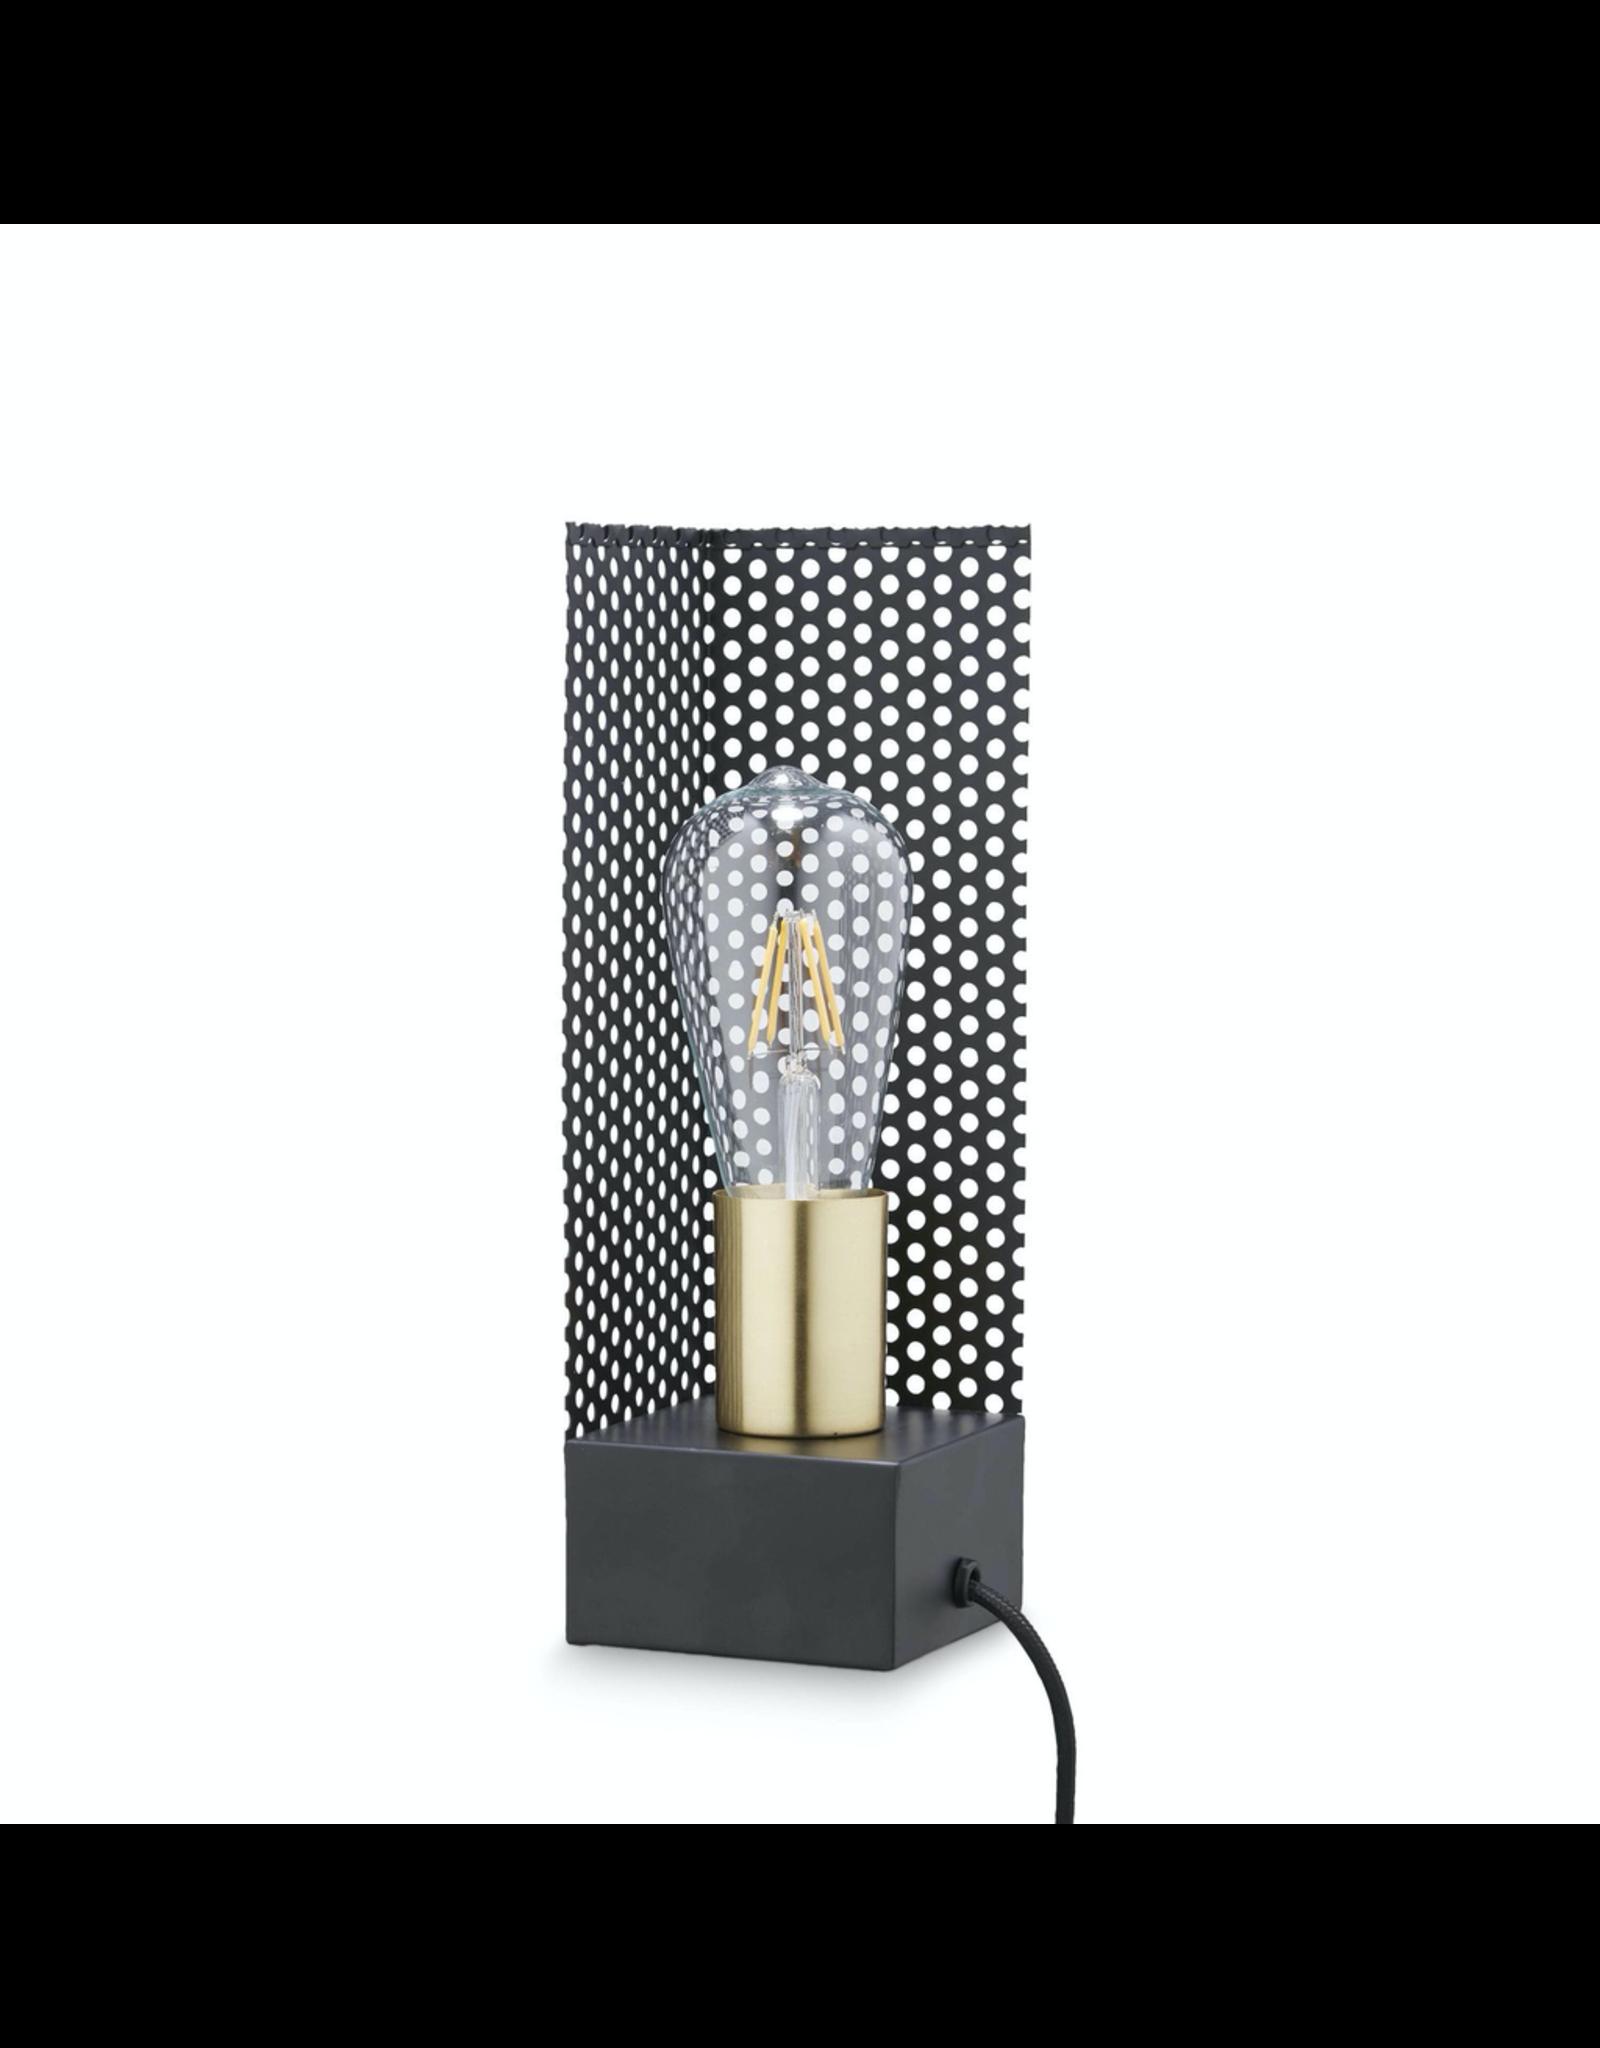 H. Skjalm P. LAMPE CARREE AVEC FIL 9X9 H: 28CM LAITON NOIR